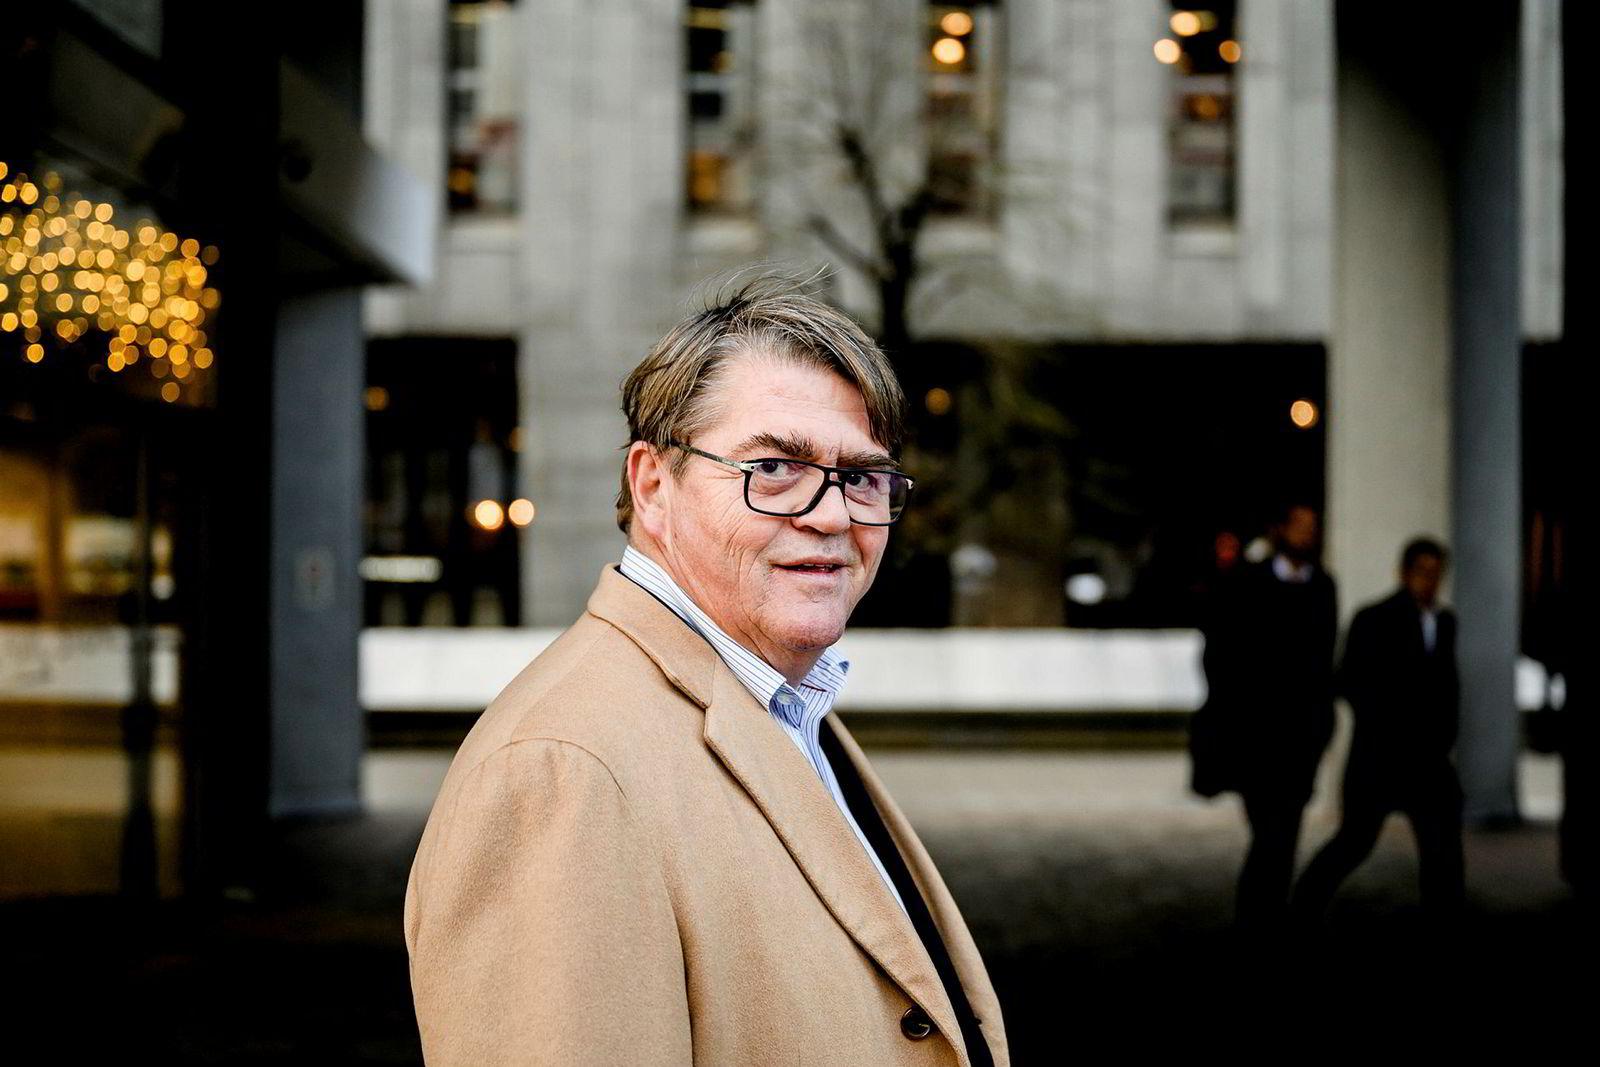 – Jeg har aldri hørt et negativt ord om ham, sier investor Jan Petter Sissener.